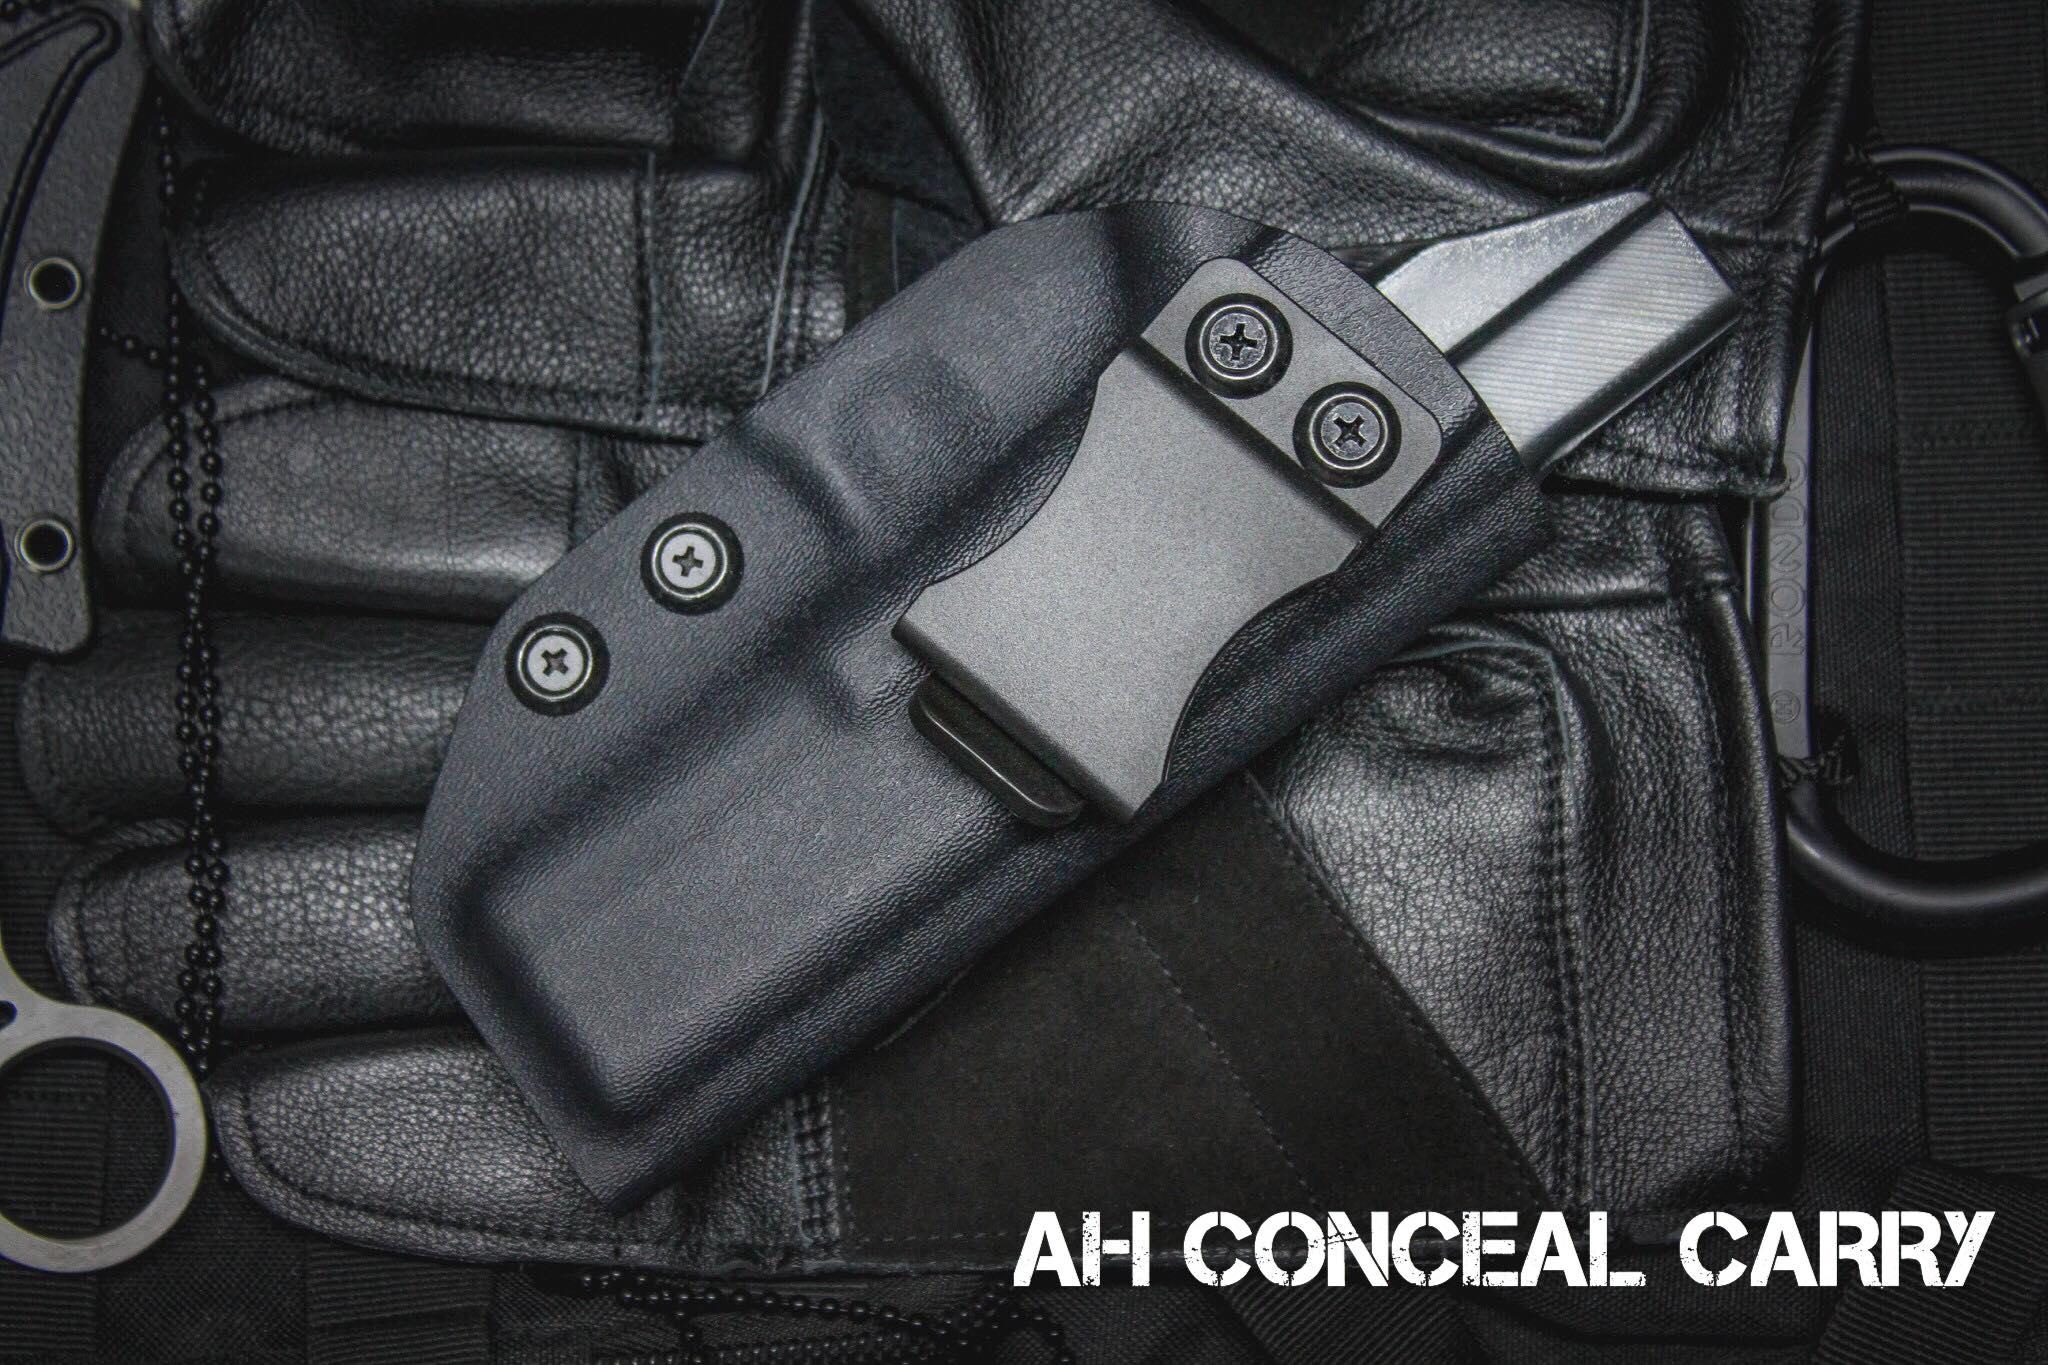 ซองพกซ่อน G19 AH Conceal Holste